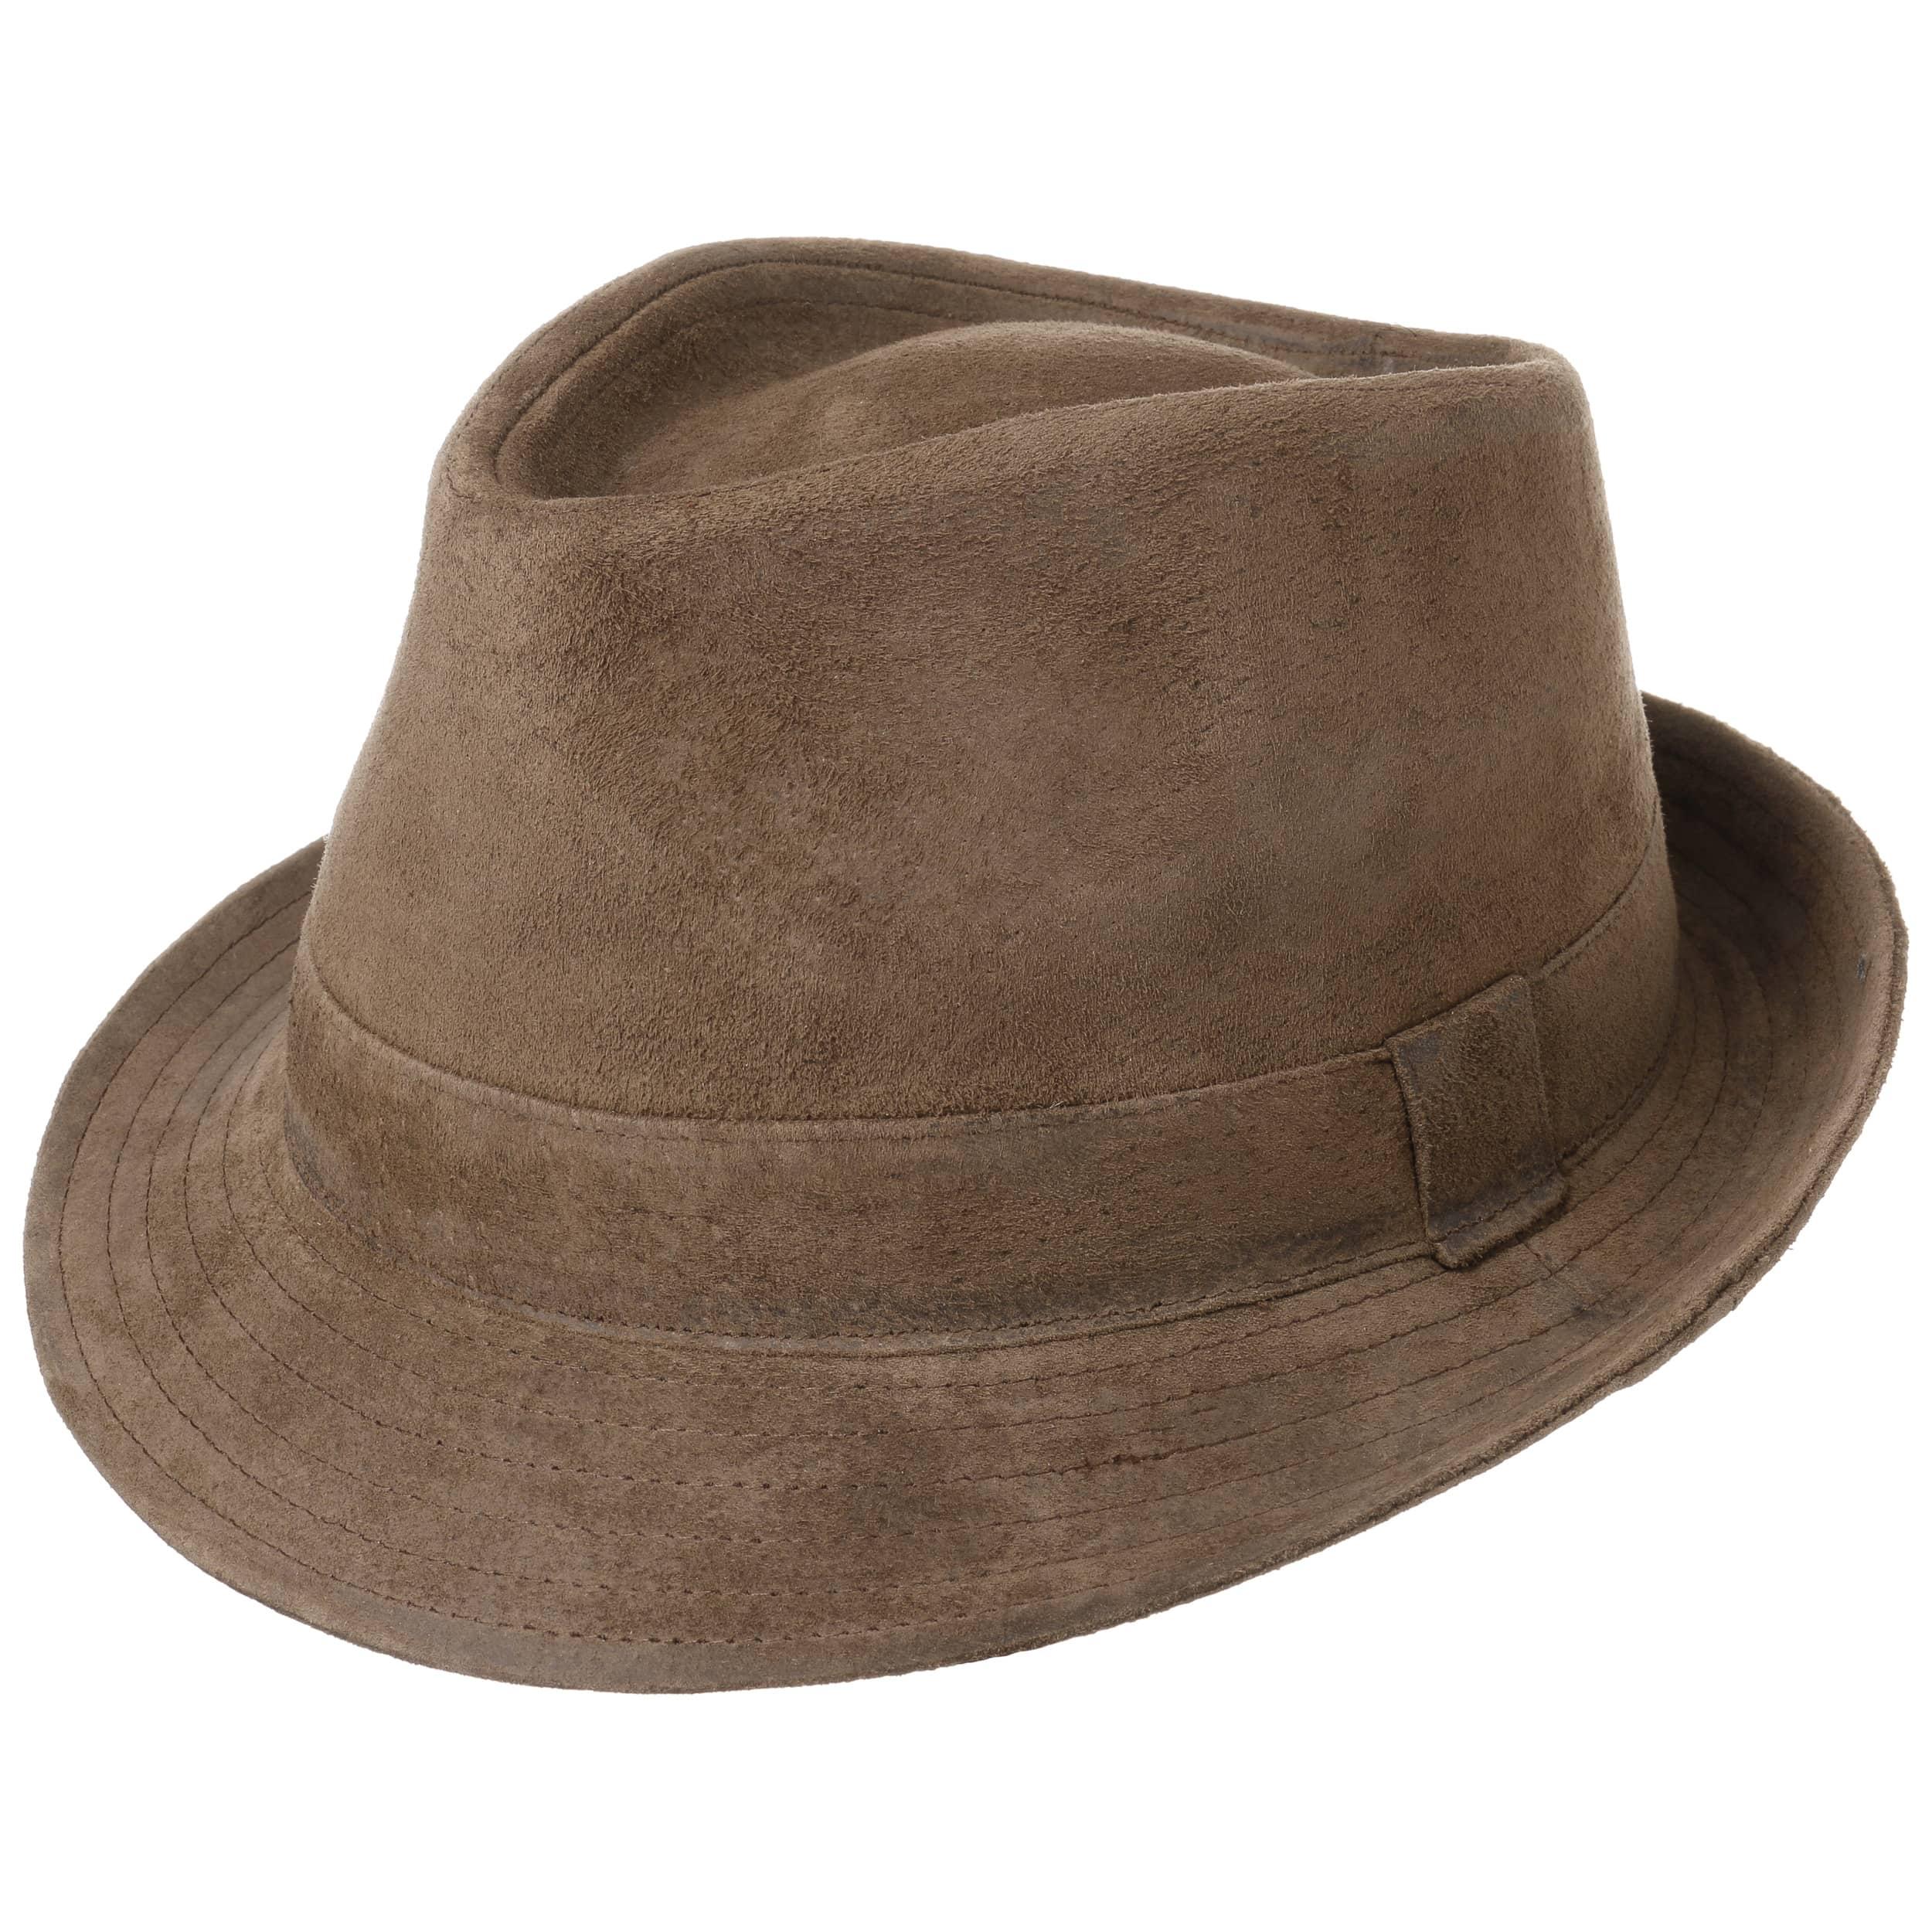 9656172f53afc Sombrero de Piel Smooth Trilby by Lipodo - Sombreros - sombreroshop.es